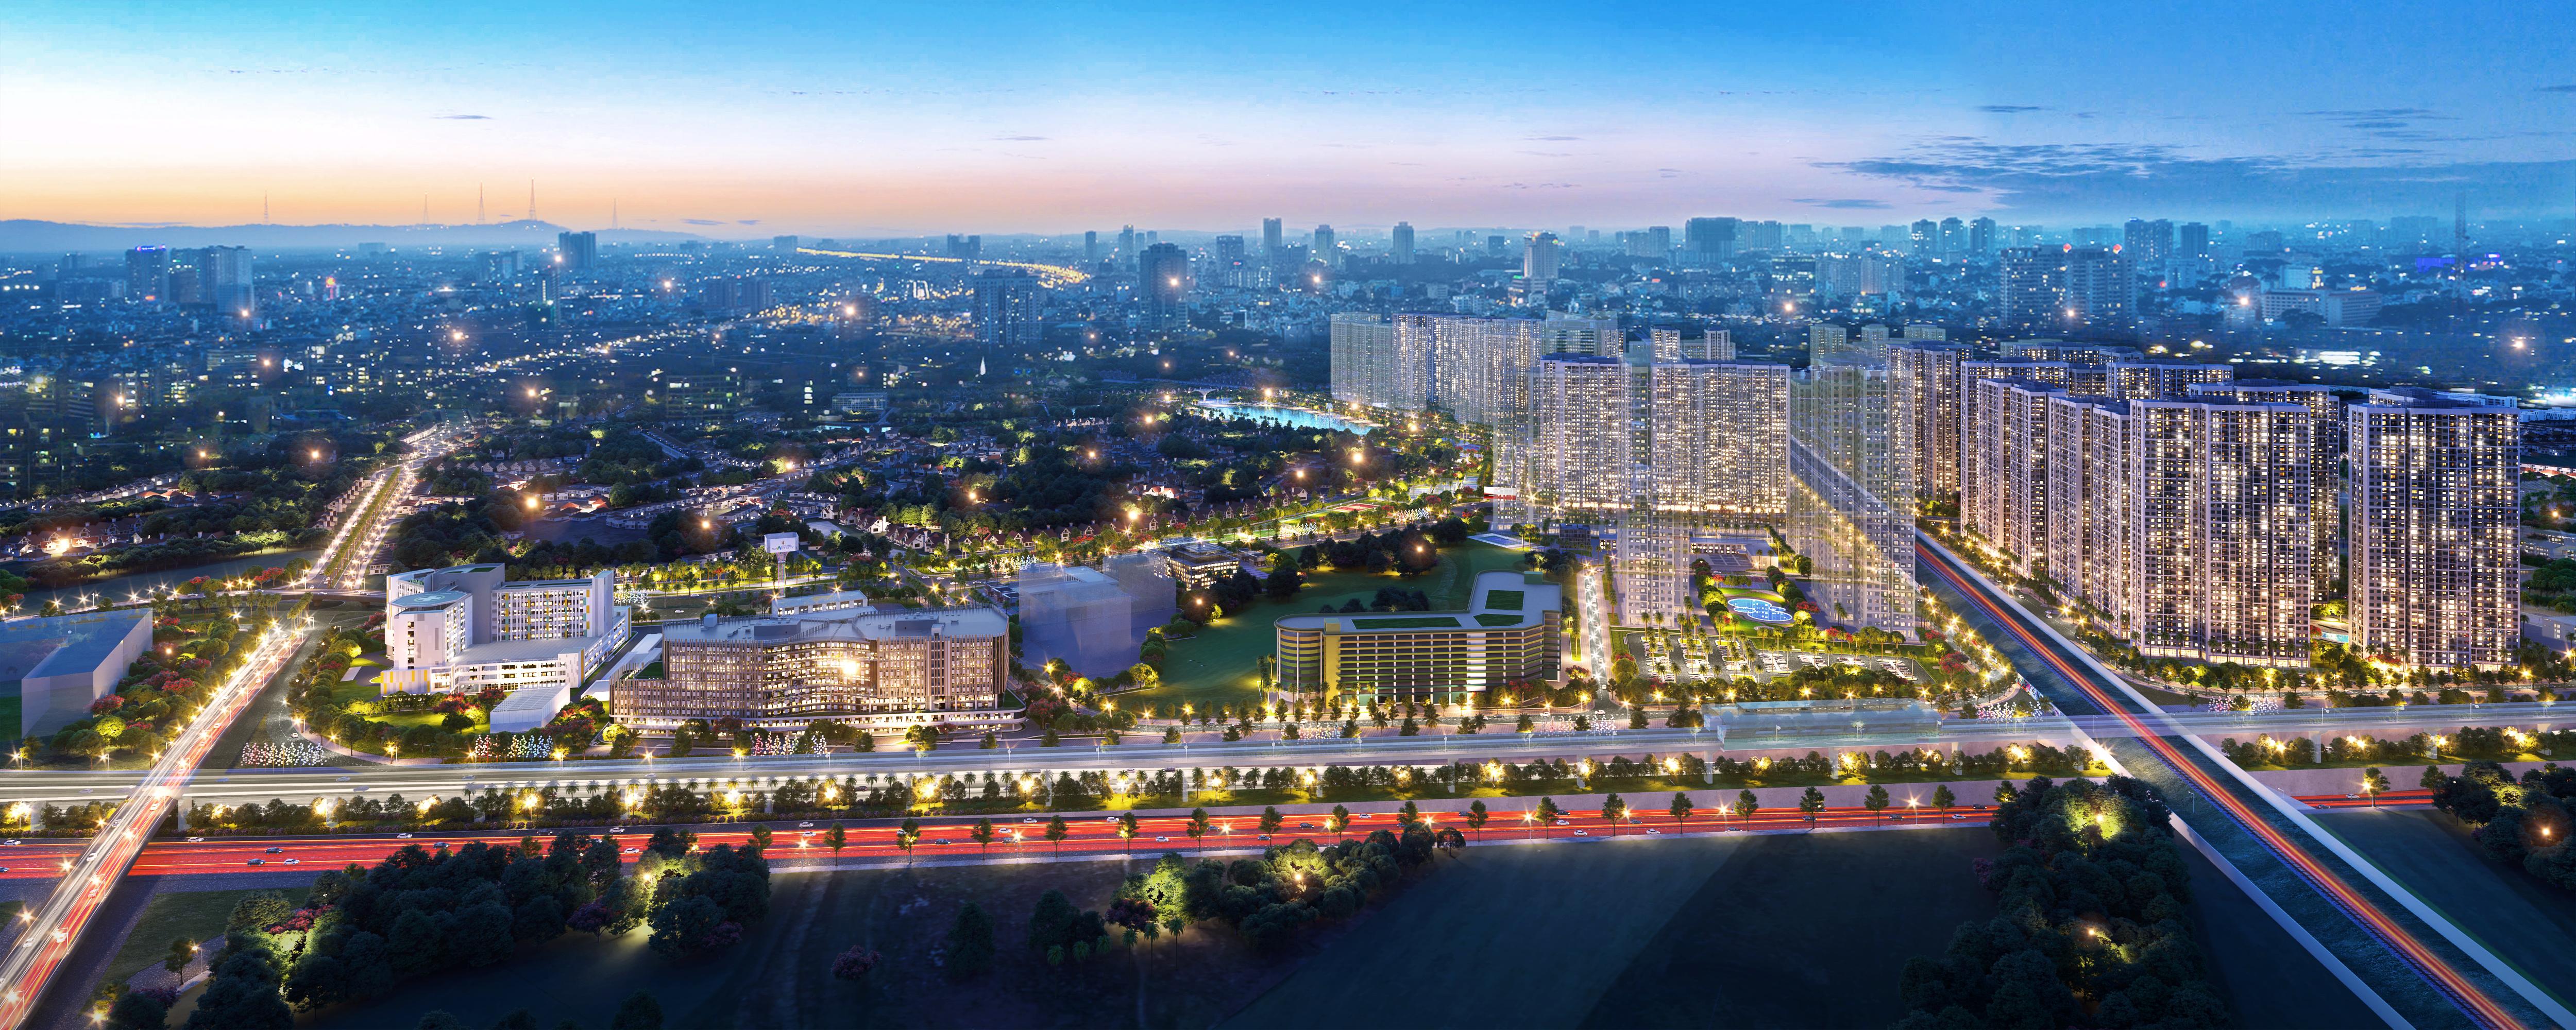 hinh anh Vincom Mega Mall Vinhomes Smart City tam diem vui choi mua sam phia Tay thu do so 01